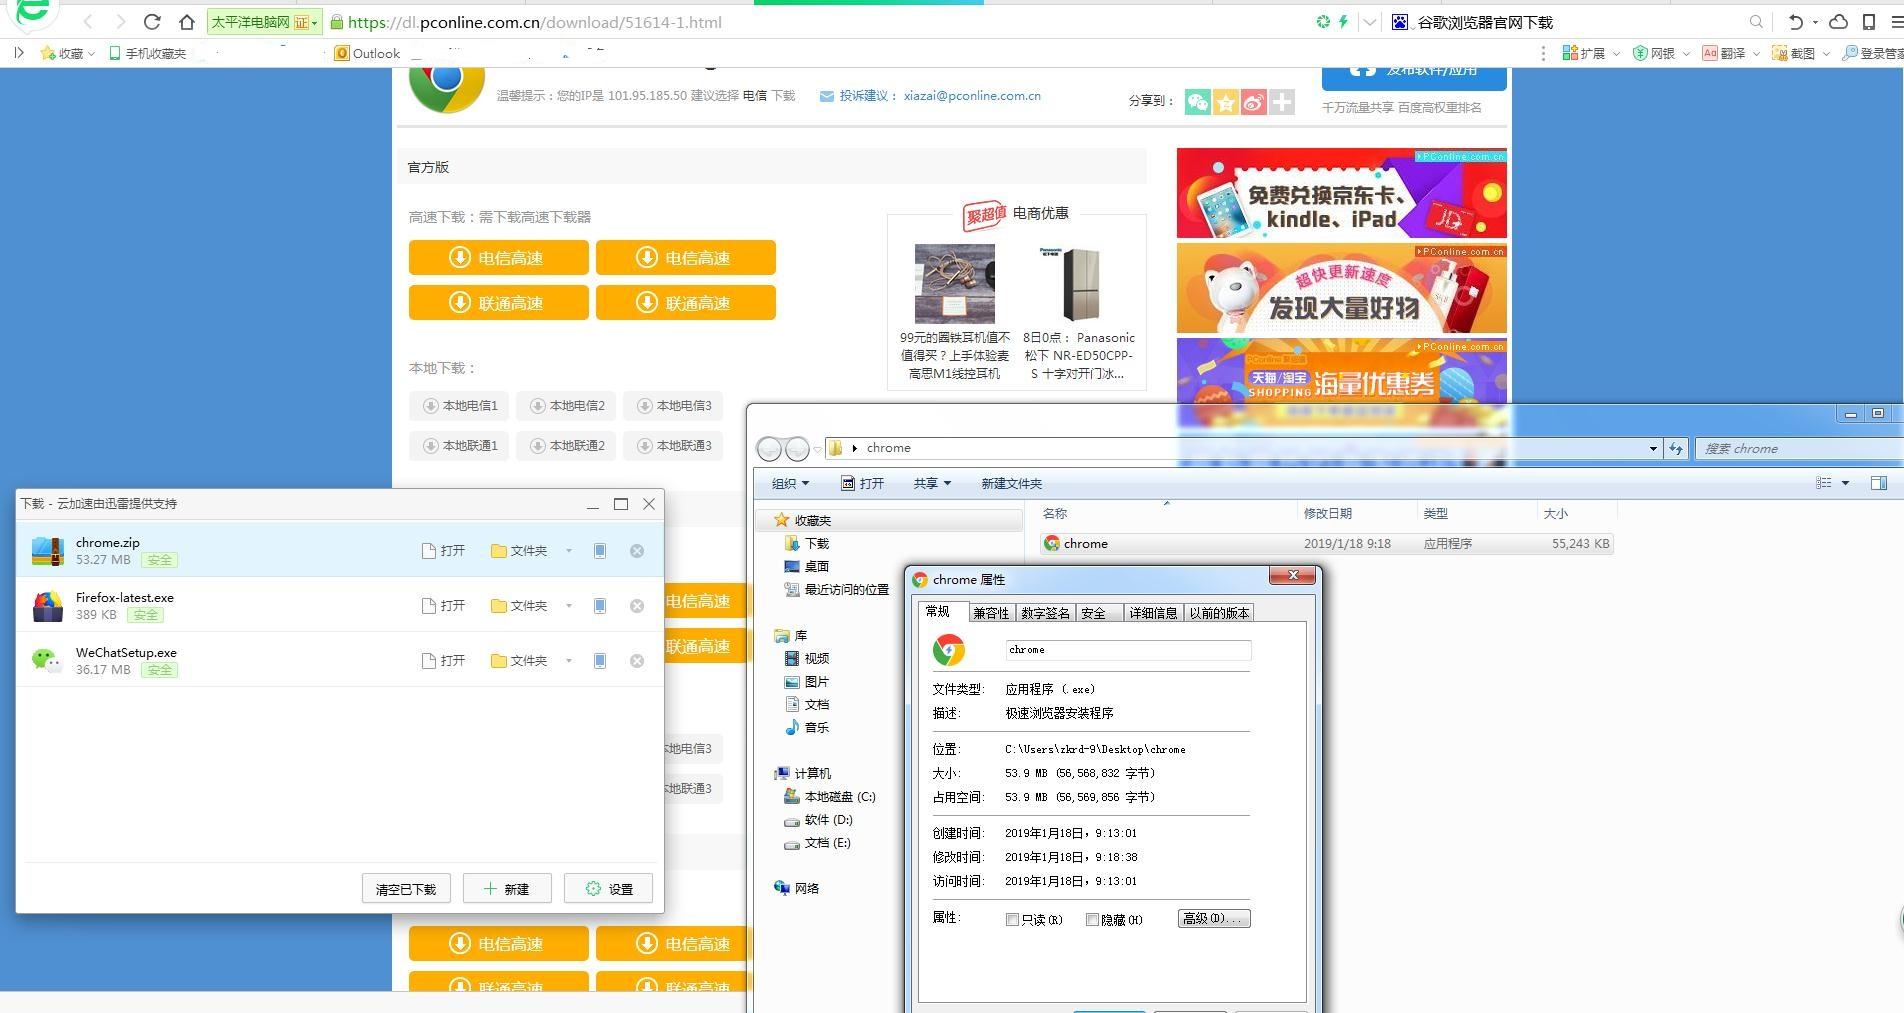 太平洋电脑网的软件下载也变得流氓了。